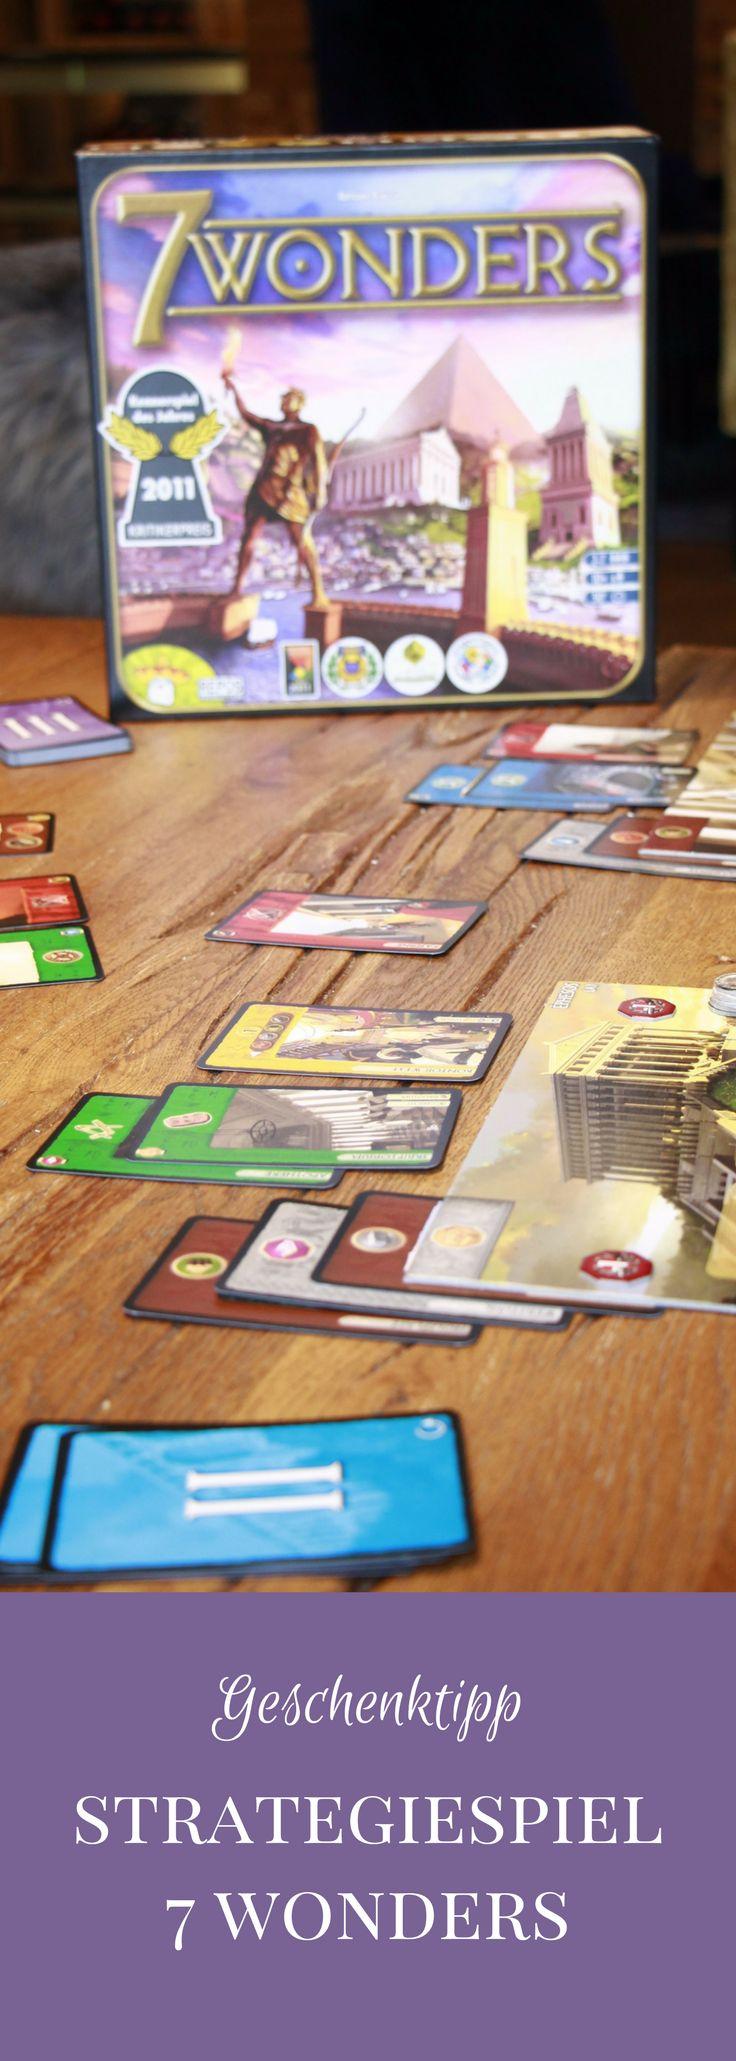 Geschenkidee für Erwachsene: Das Gesellschaftsspiel 7 Wonders von Asmodee ist ein Strategiespiel, das für spielverrückte Erwachsene perfekt ist. Der Spieletipp sorgt für viele spannende Stunden und ist ein Geschenktipp für Weihnachten. - #werbung #asmodee #7wonders